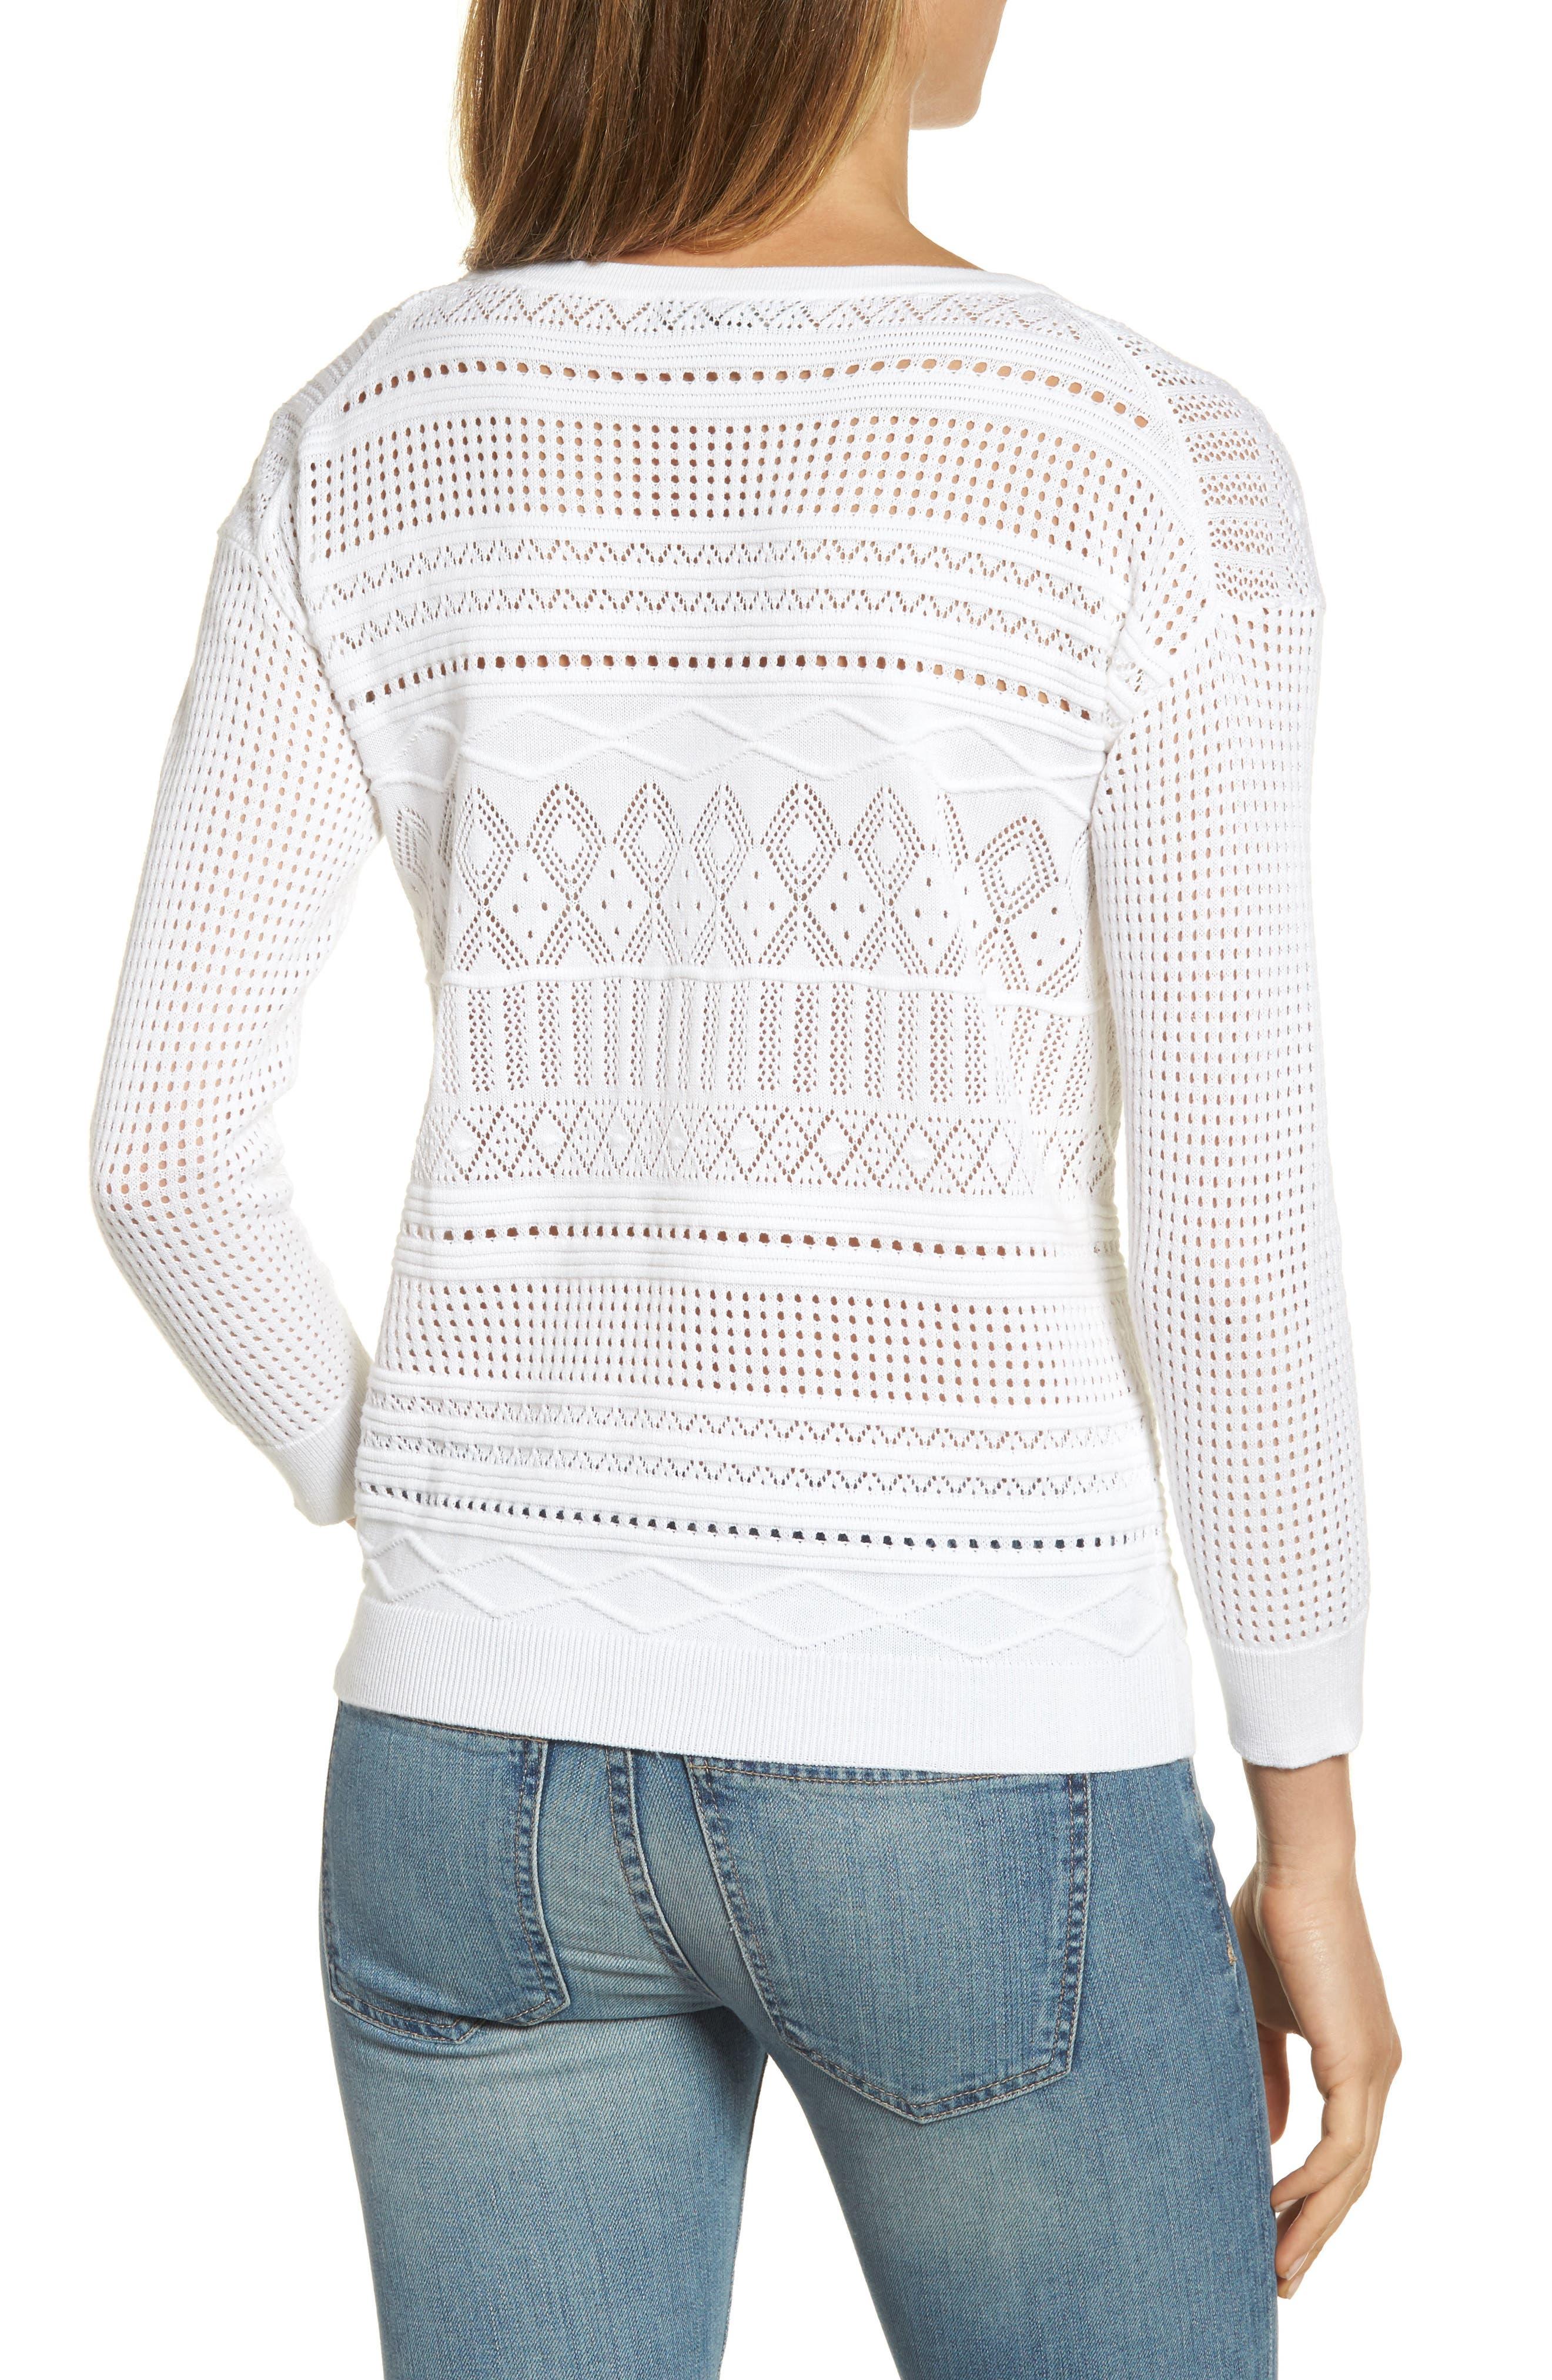 Pickford Pointelle Split Neck Sweater,                             Alternate thumbnail 2, color,                             White